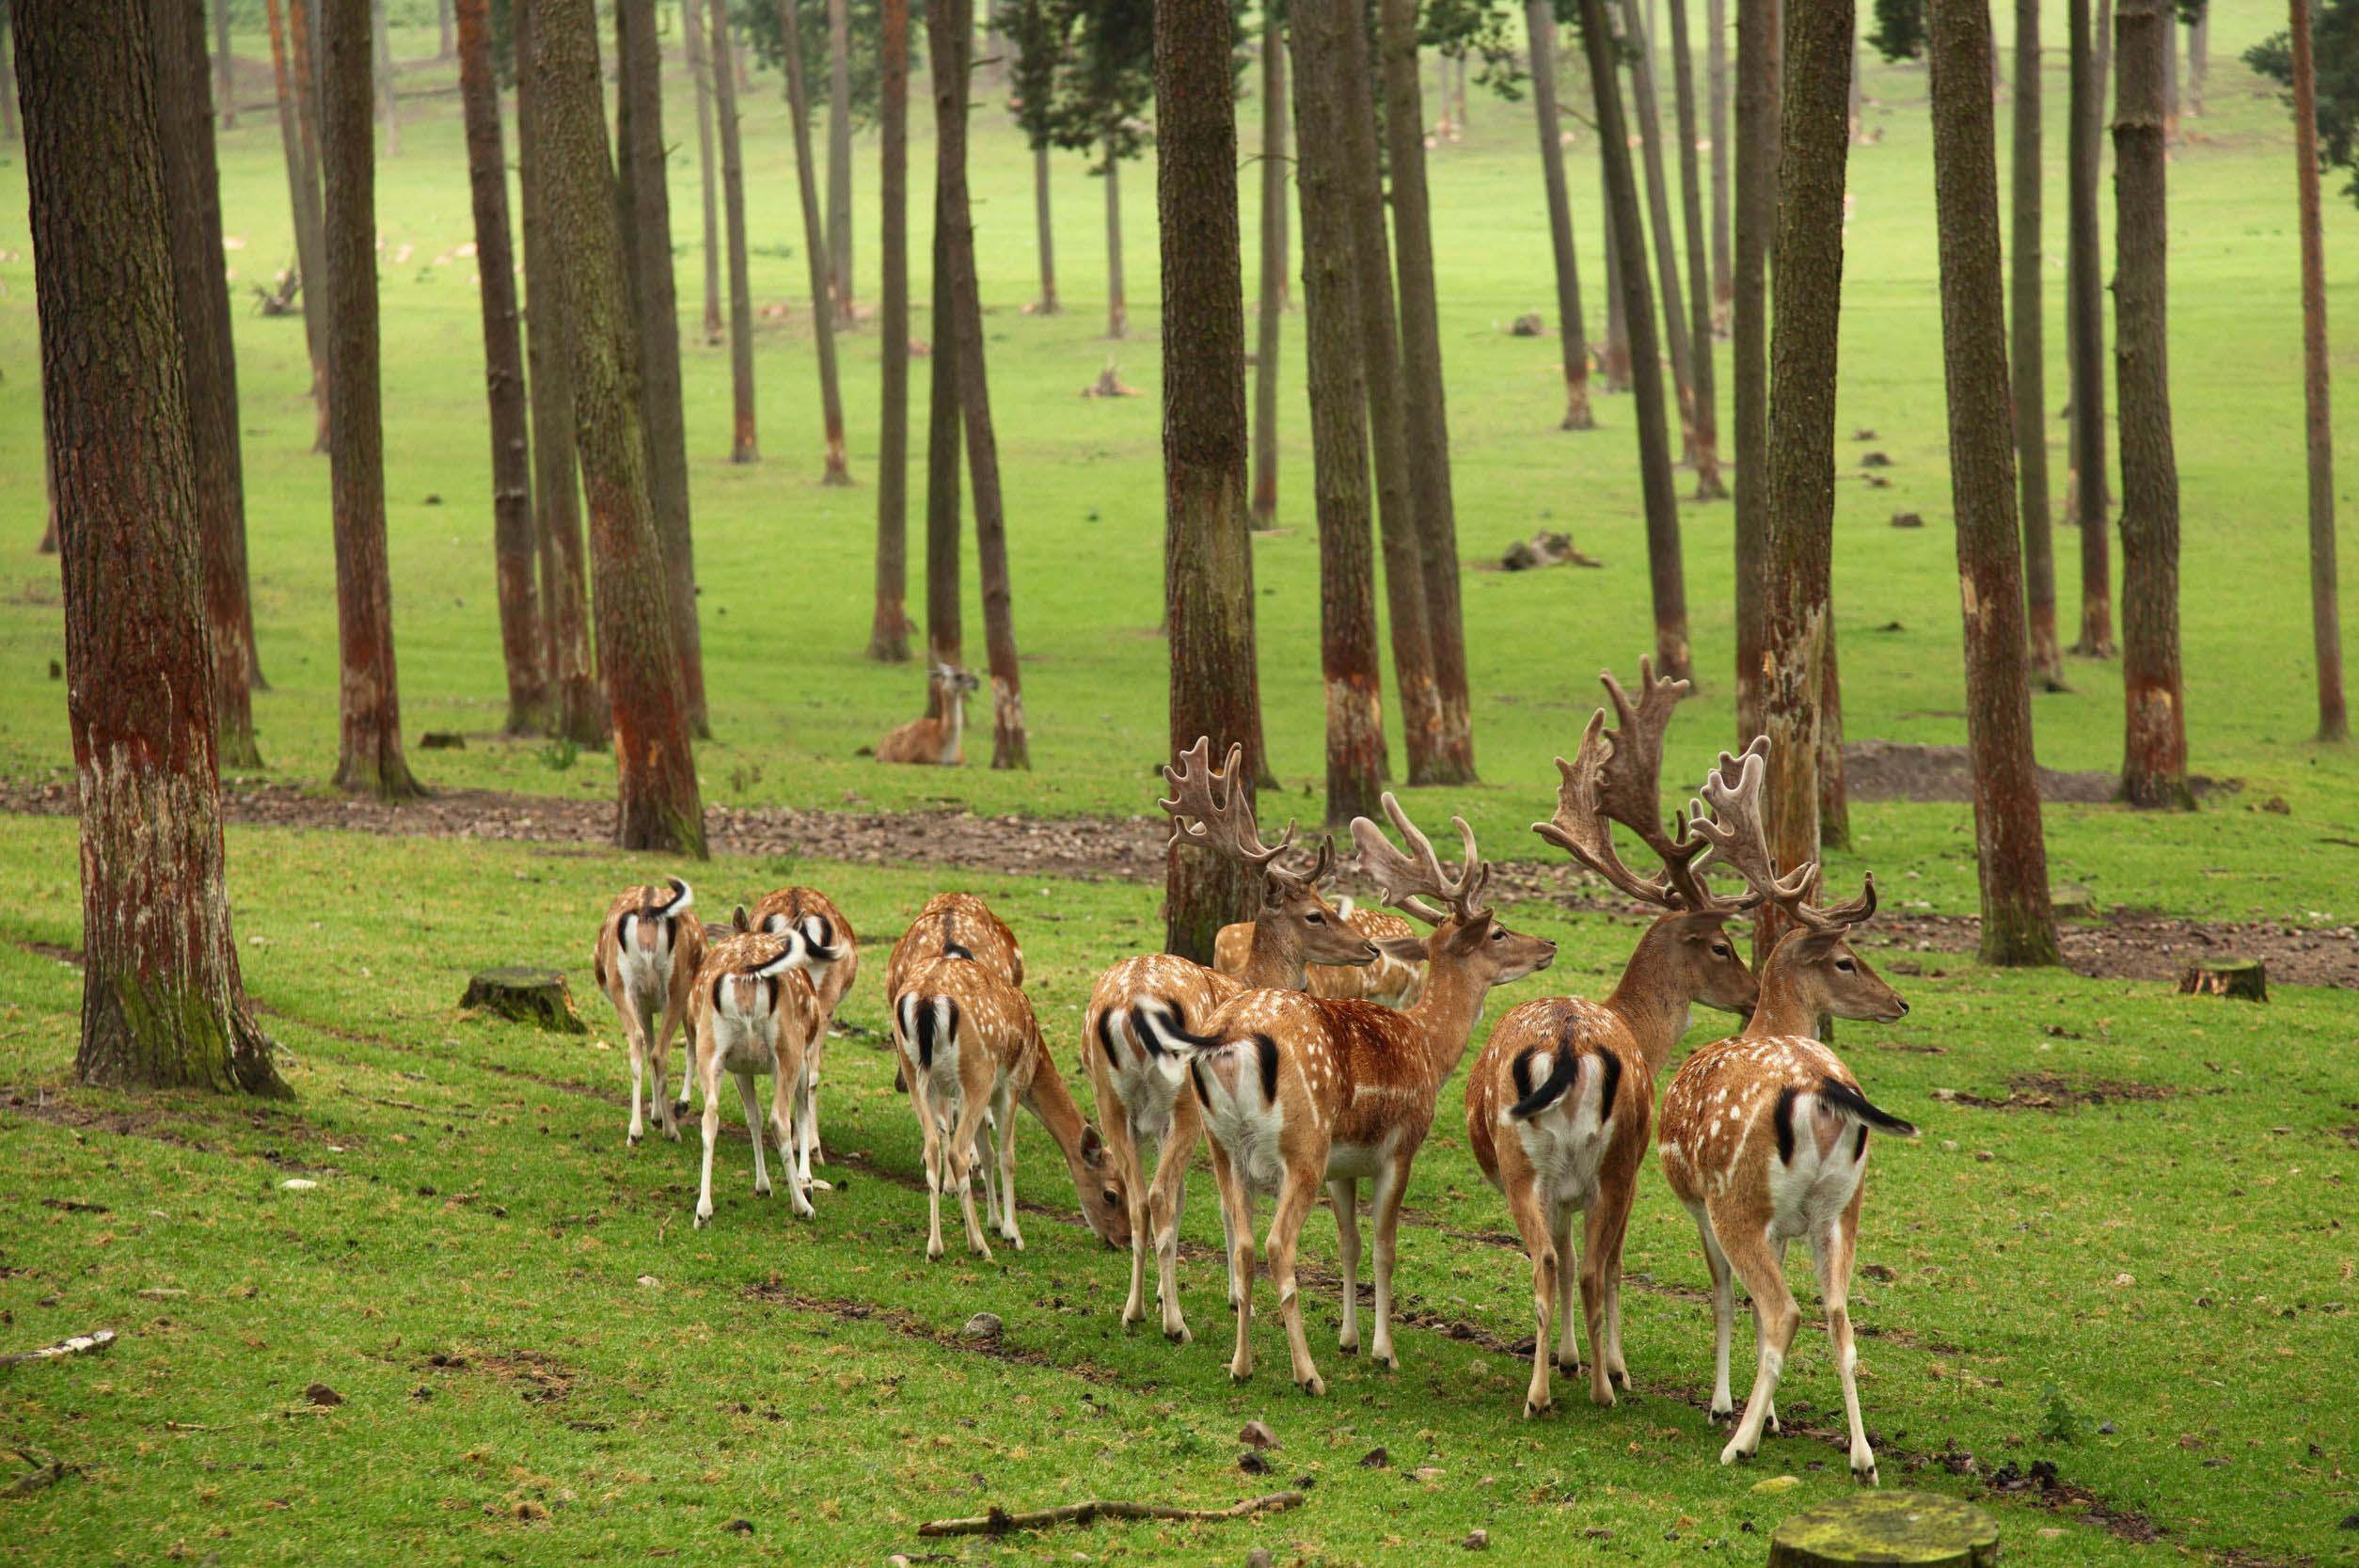 deer-in-forrest-united-states